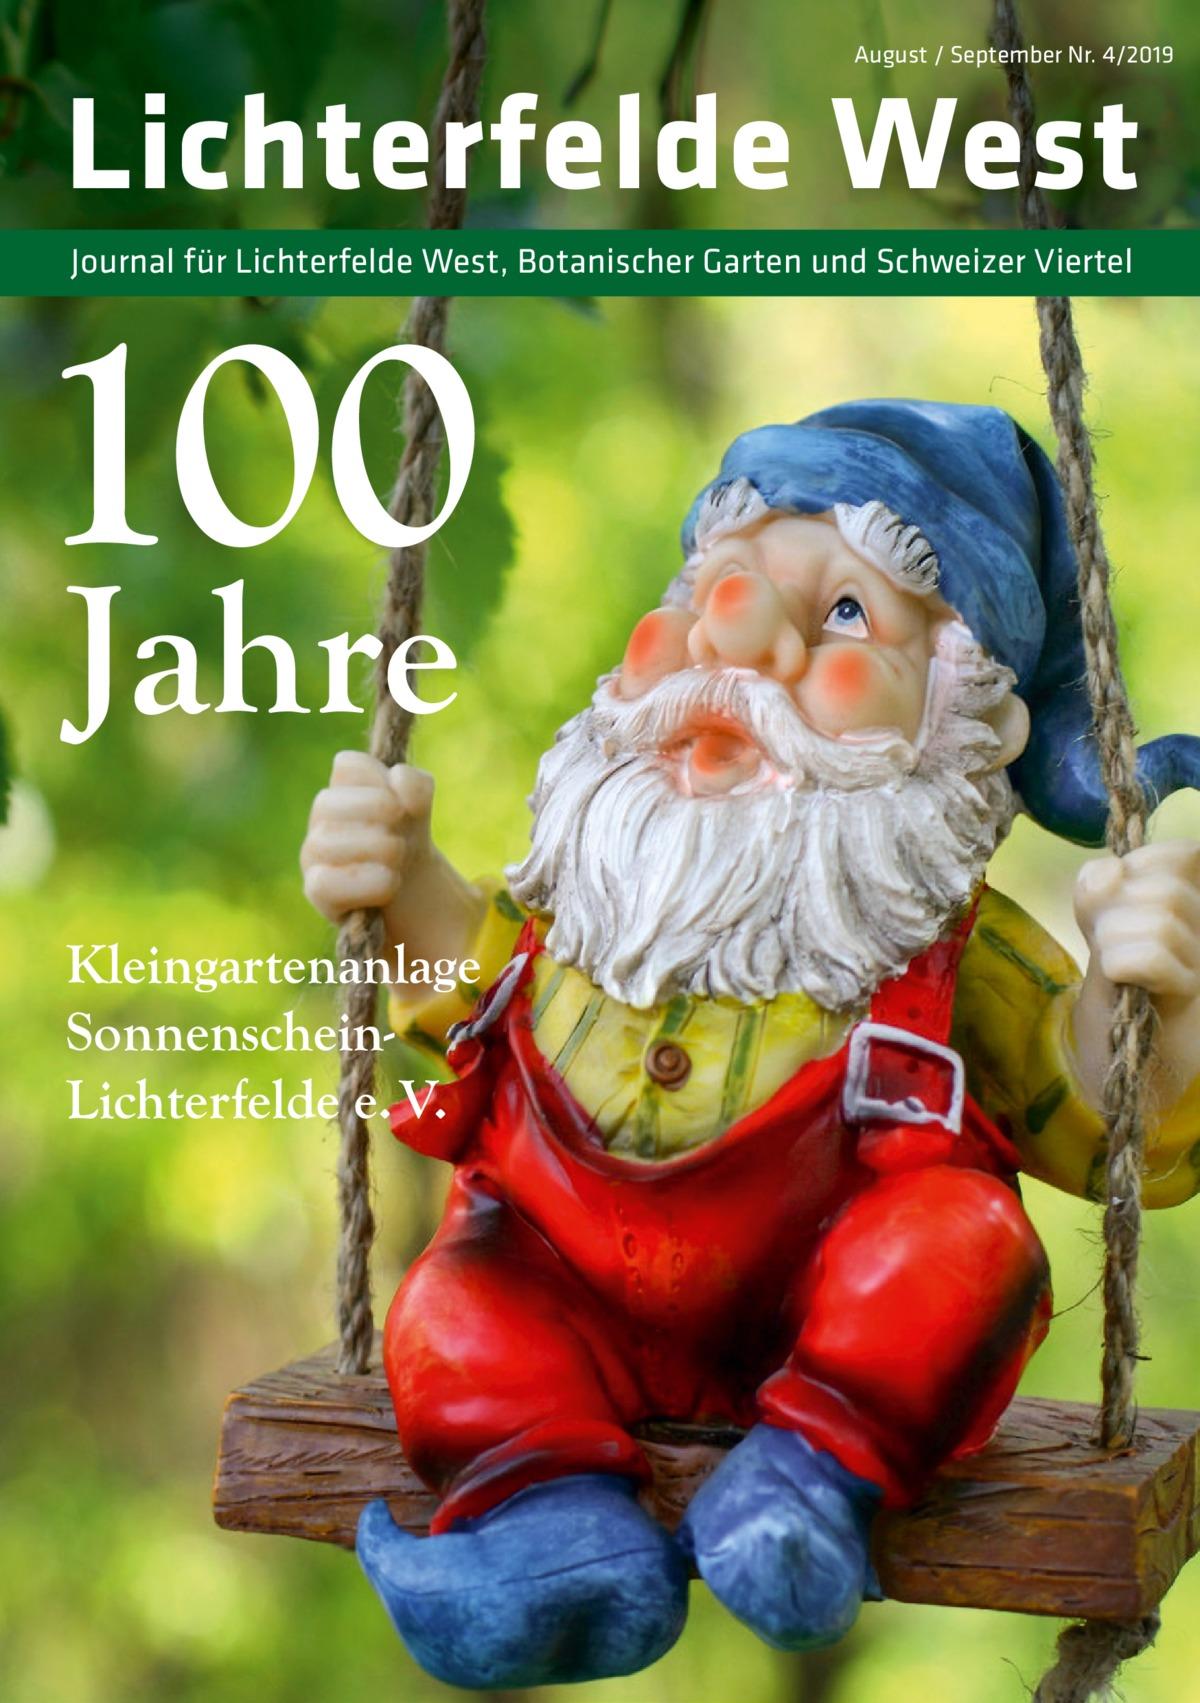 August / September Nr. 4/2019  Lichterfelde West Journal für Lichterfelde West, Botanischer Garten und Schweizer Viertel  100 Jahre  Kleingartenanlage SonnenscheinLichterfelde e. V.